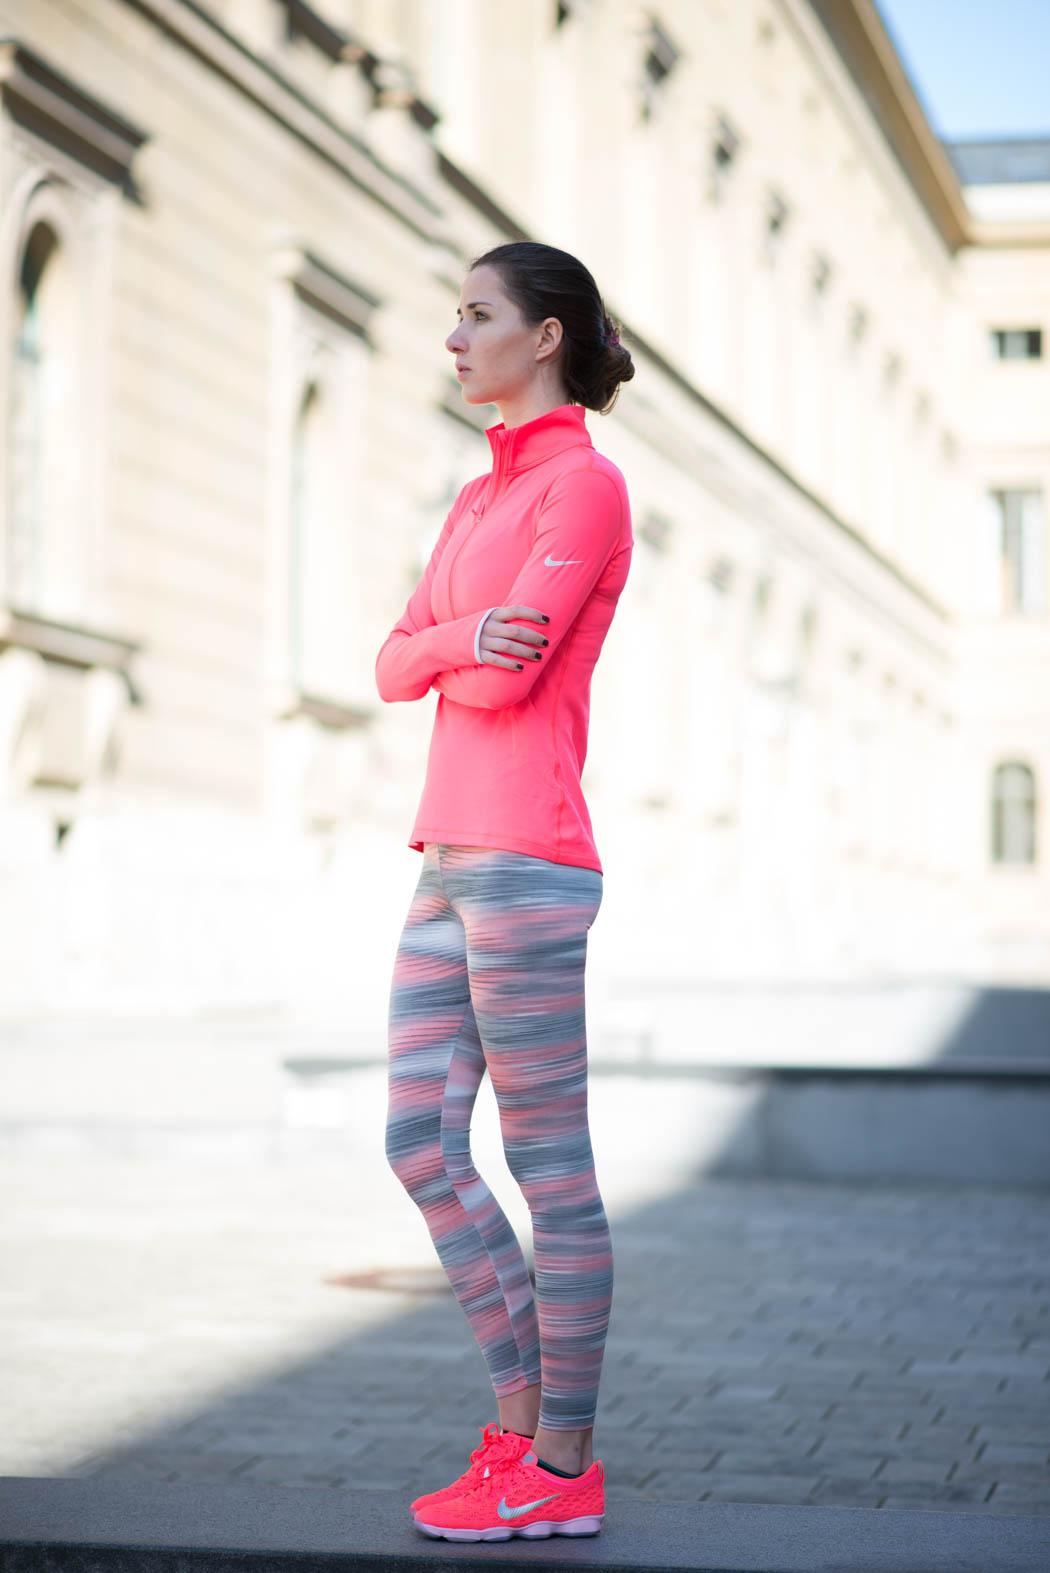 Workout-Running-Nike-Lindarella-Fitnessblogger-Deutschland-6